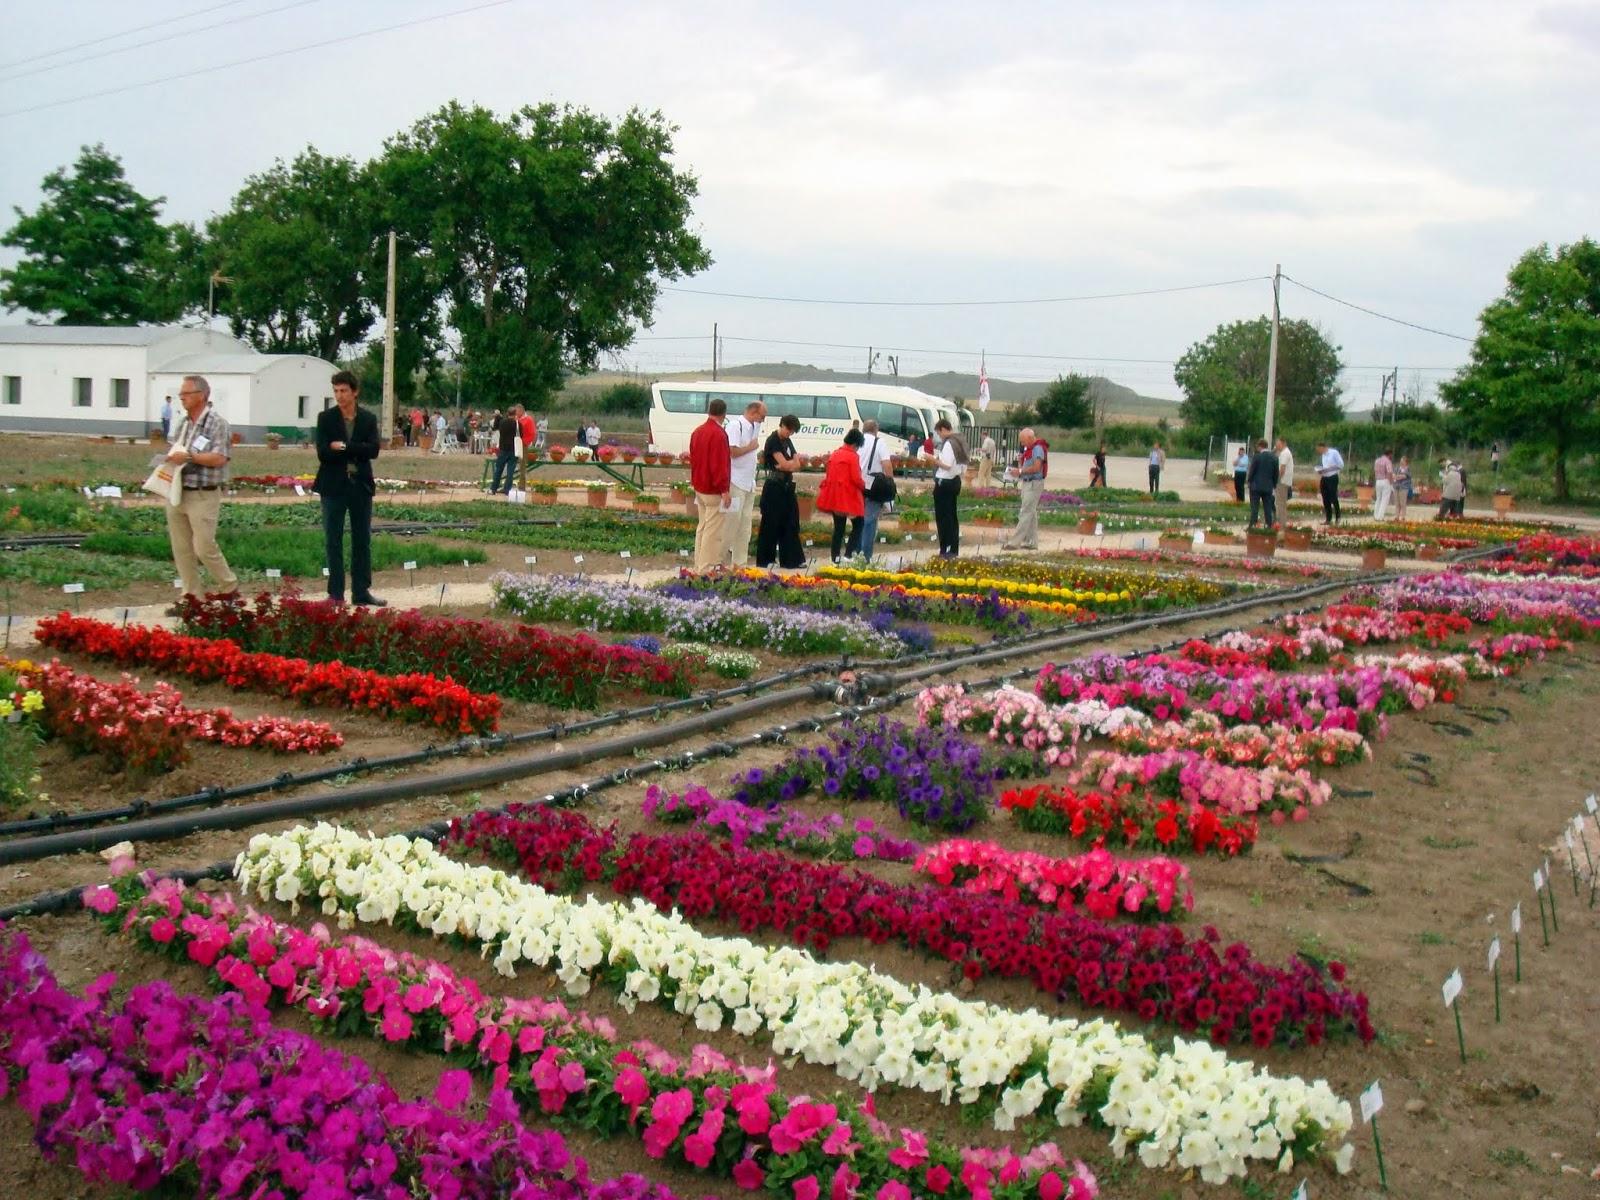 Thm tecnolog as de la horticultura mediterr nea los for Plantas ornamentales del ecuador